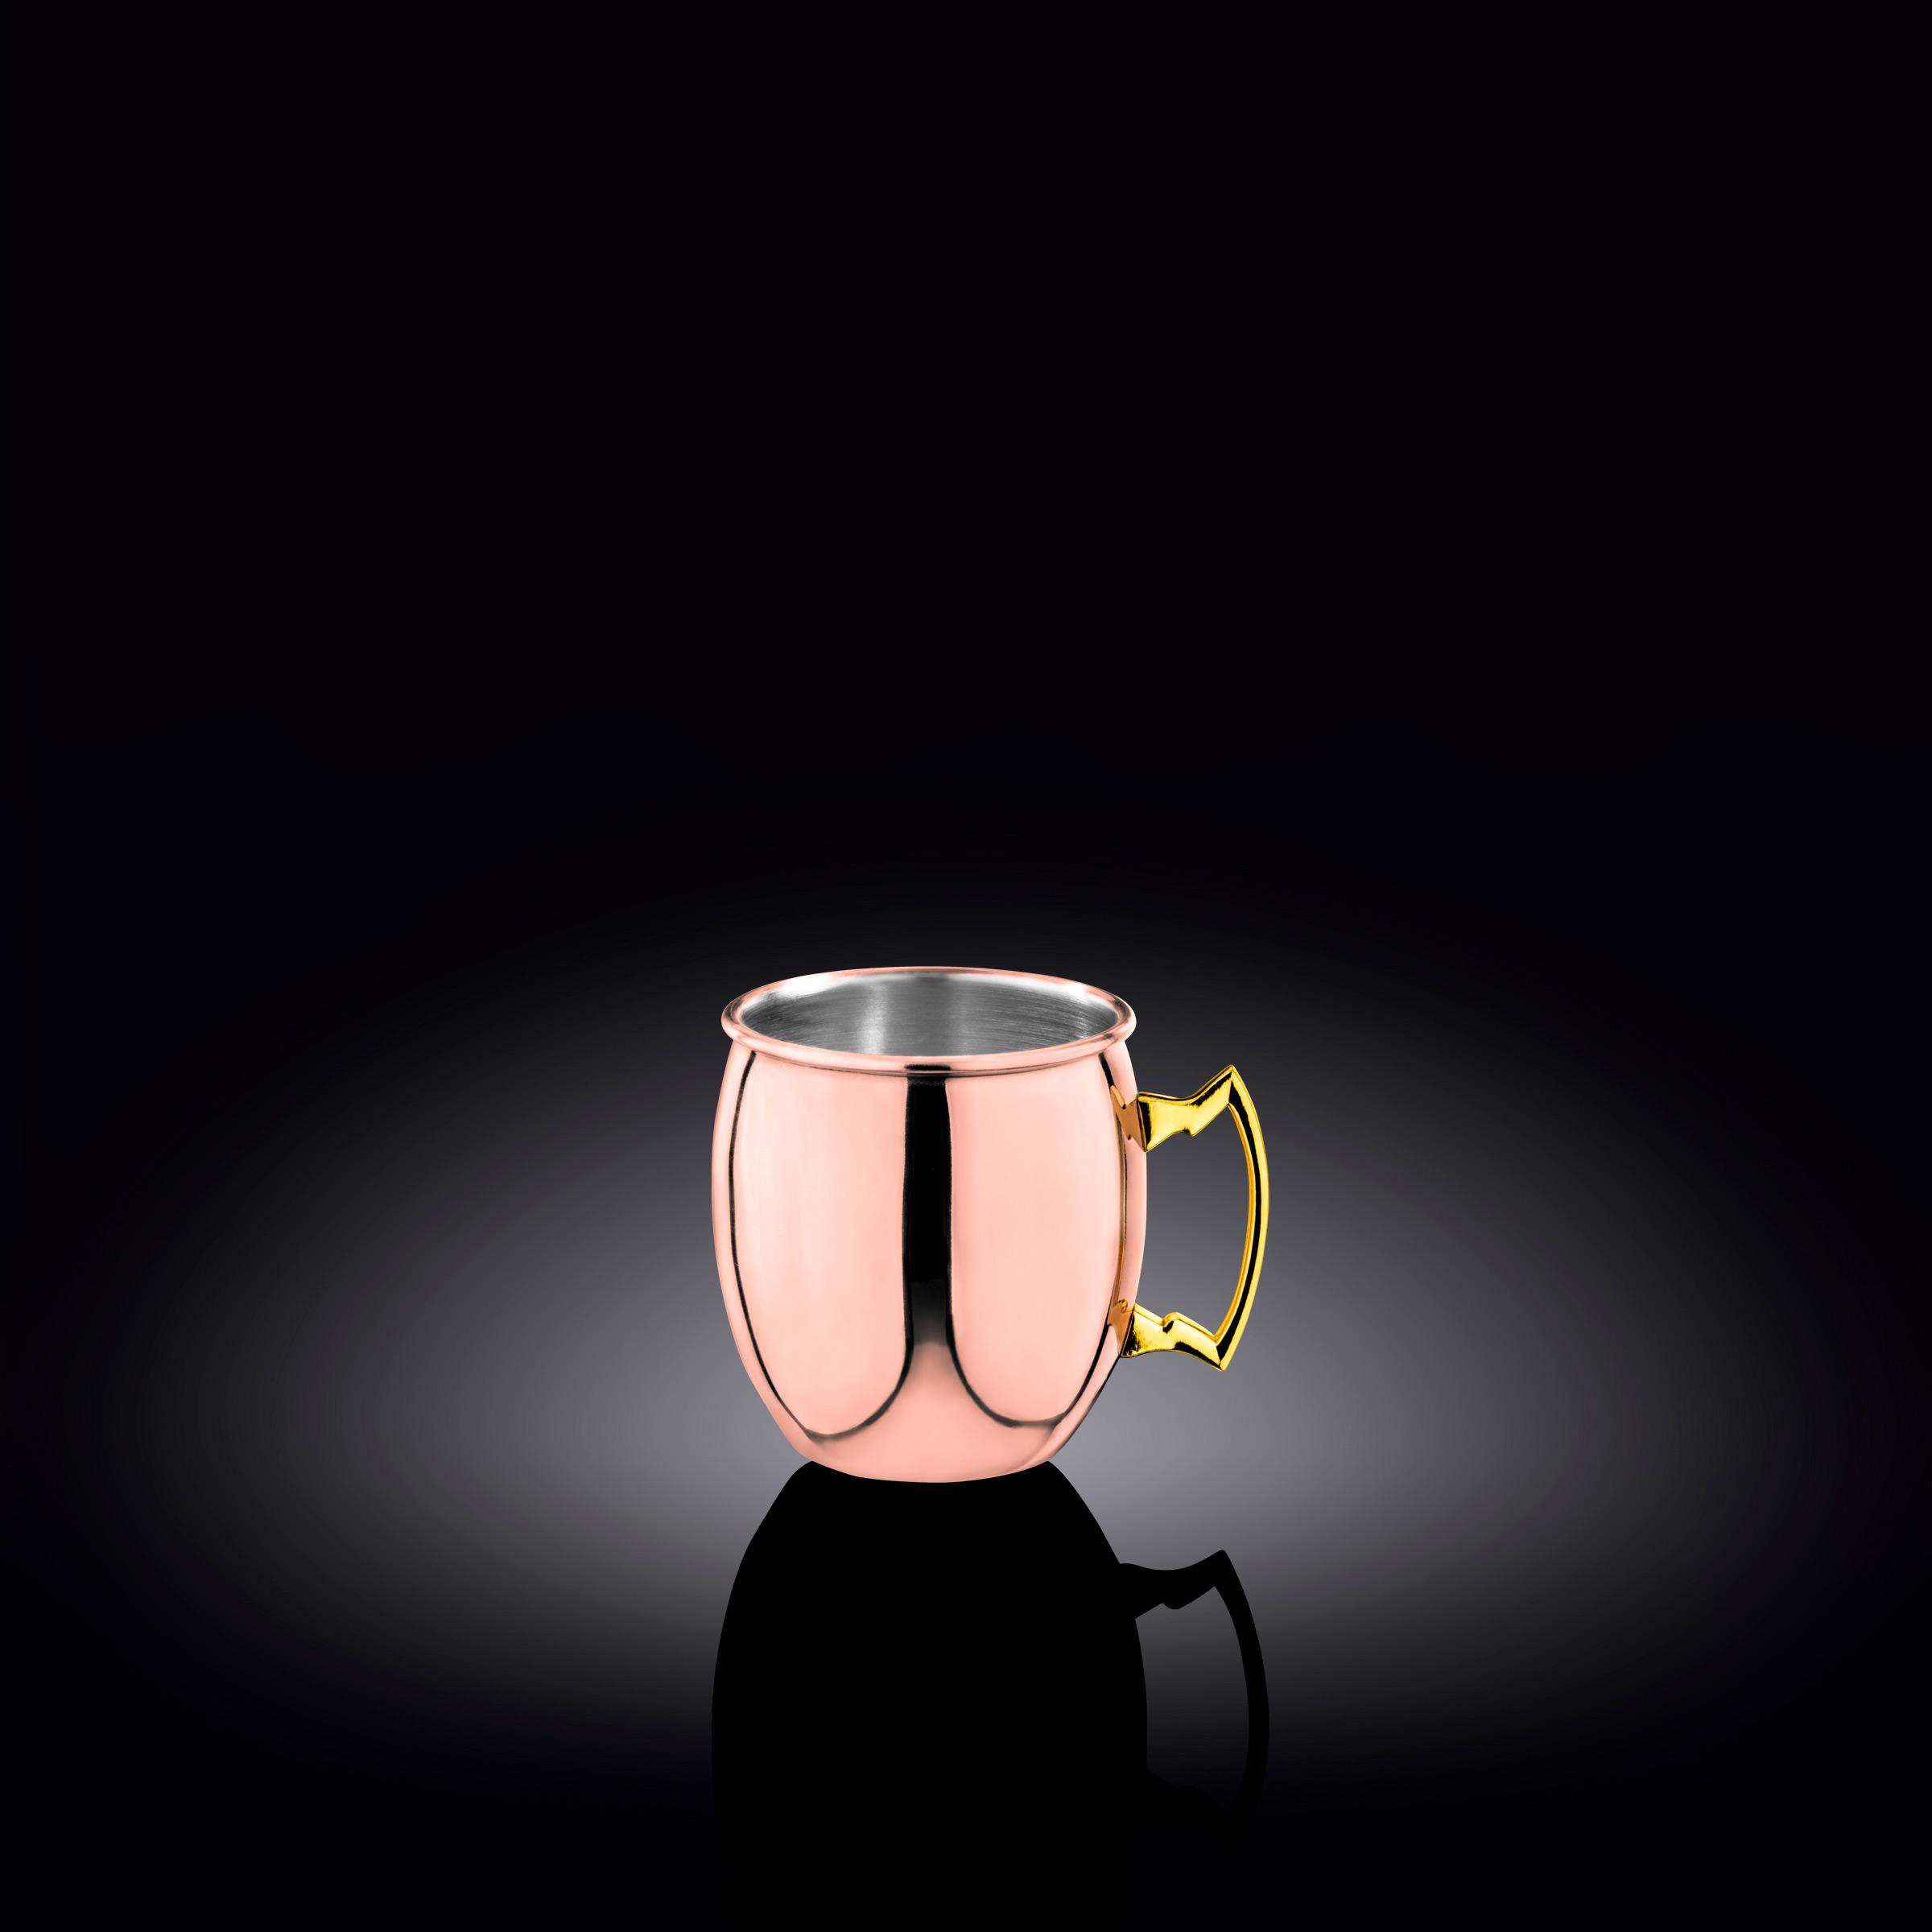 ミニマグカップ(カッパーカラー) 32206 (WL-552206/A)